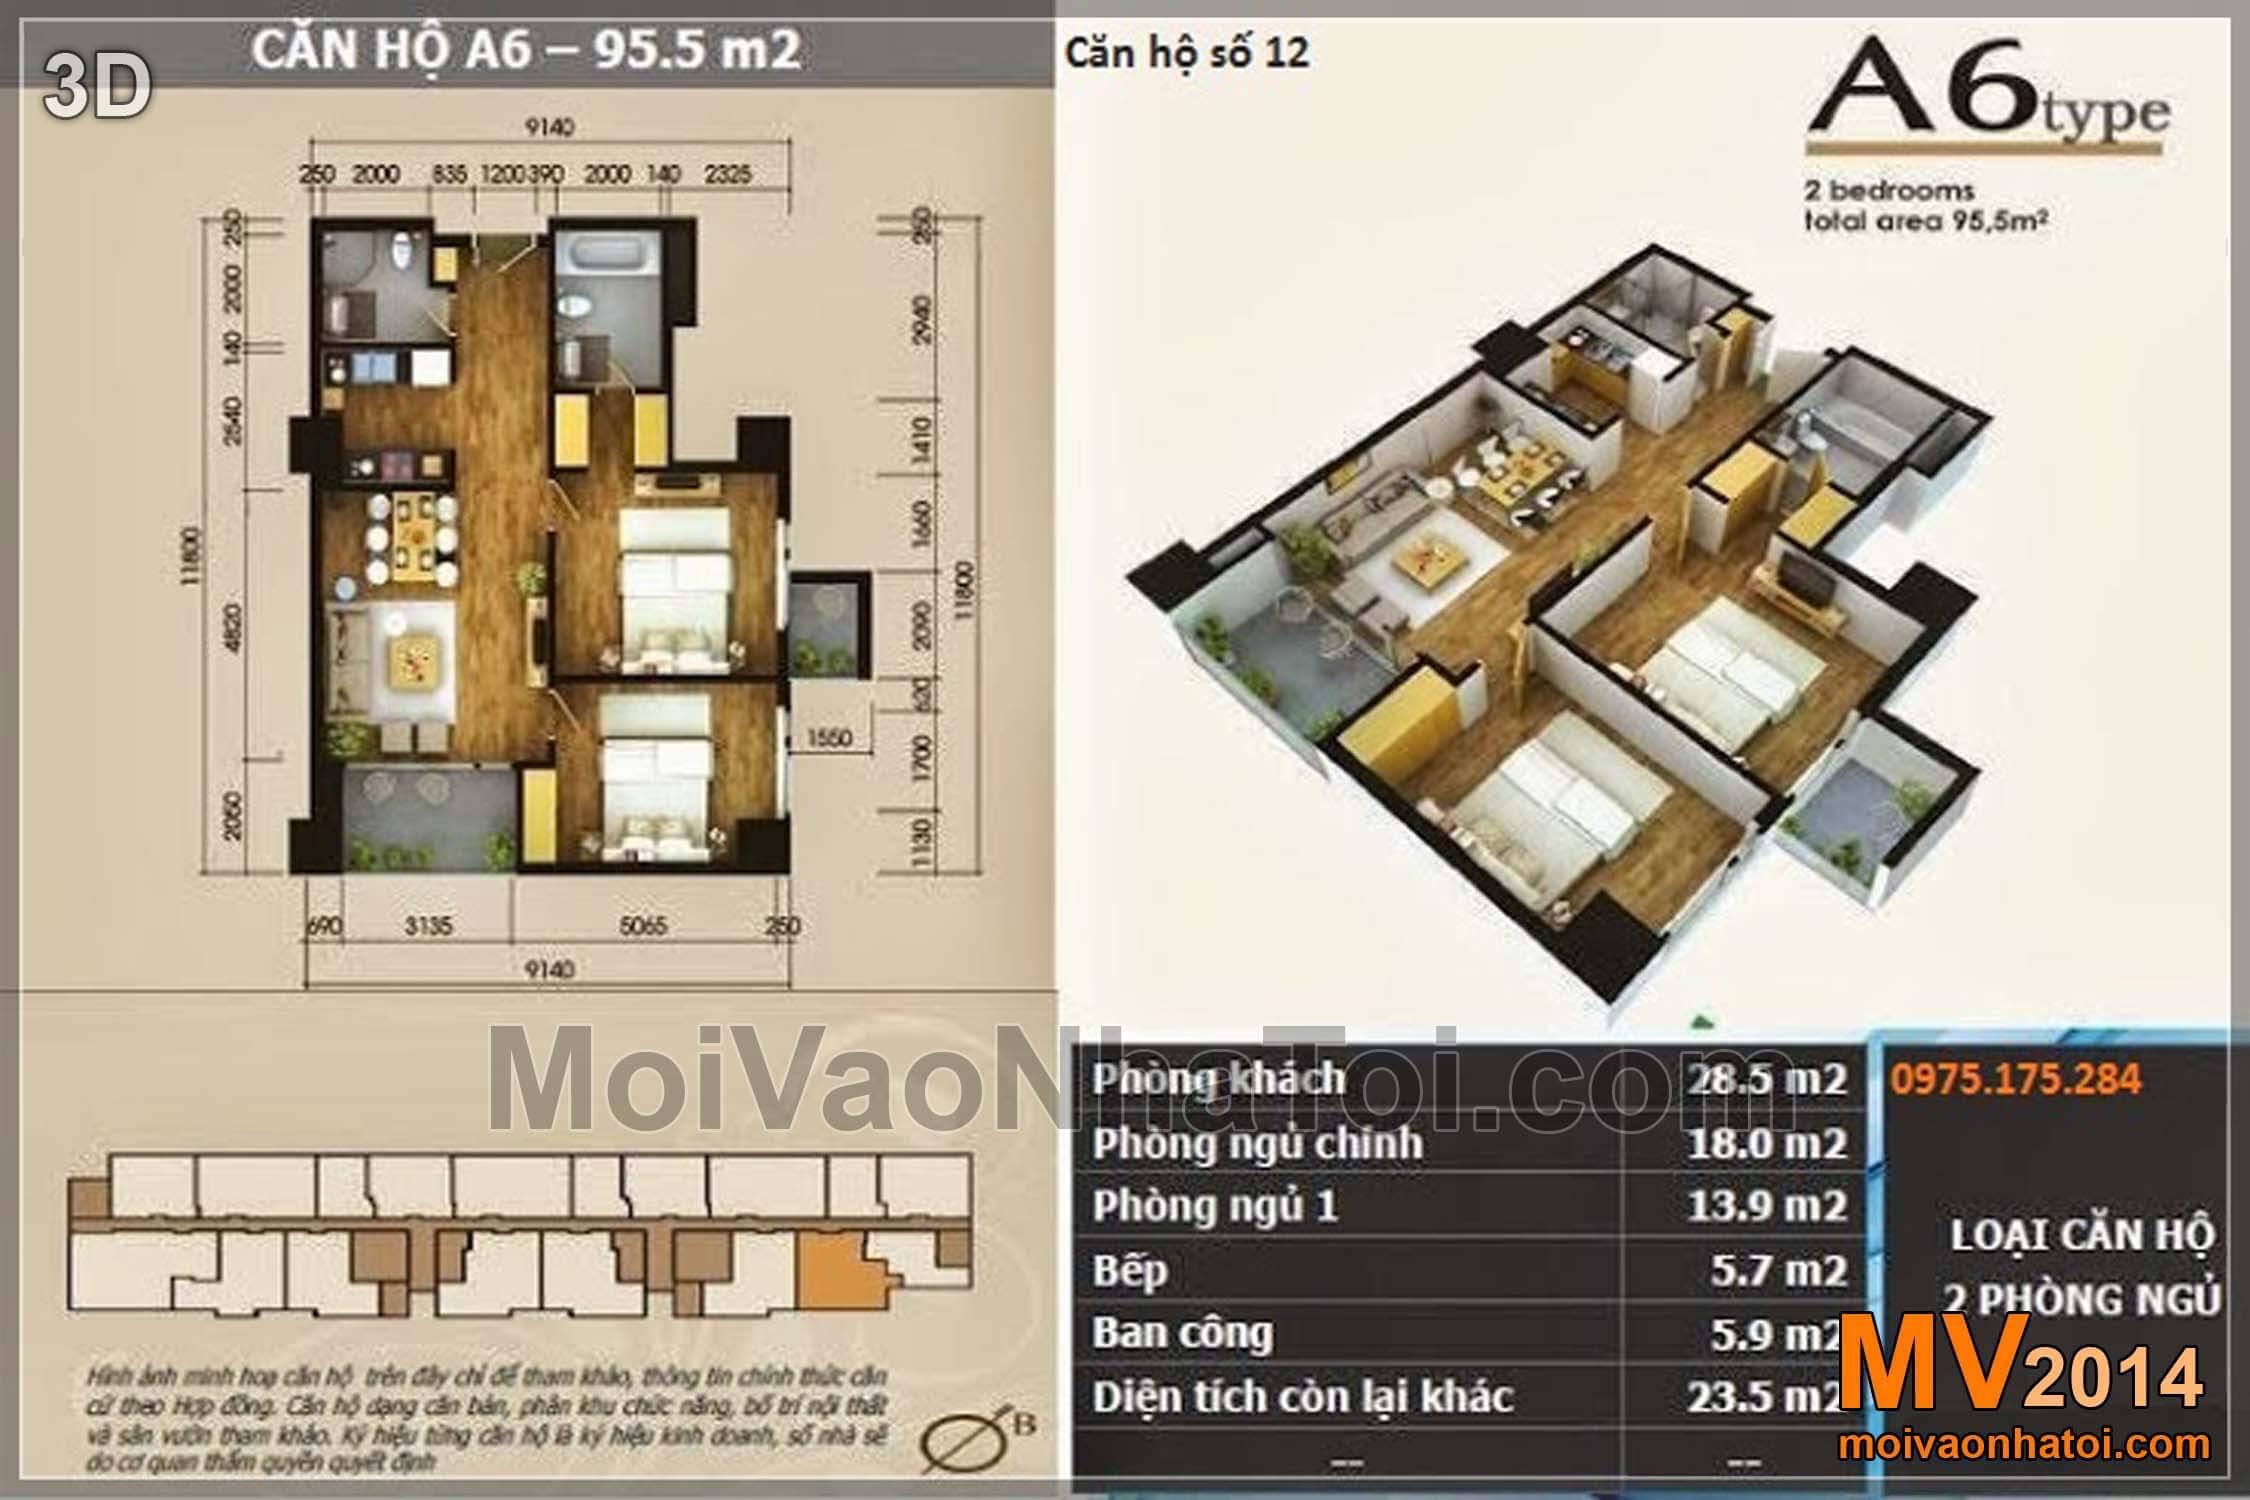 Mặt bằng căn hộ chung cư Star City Lê Văn Lương 95.5m2